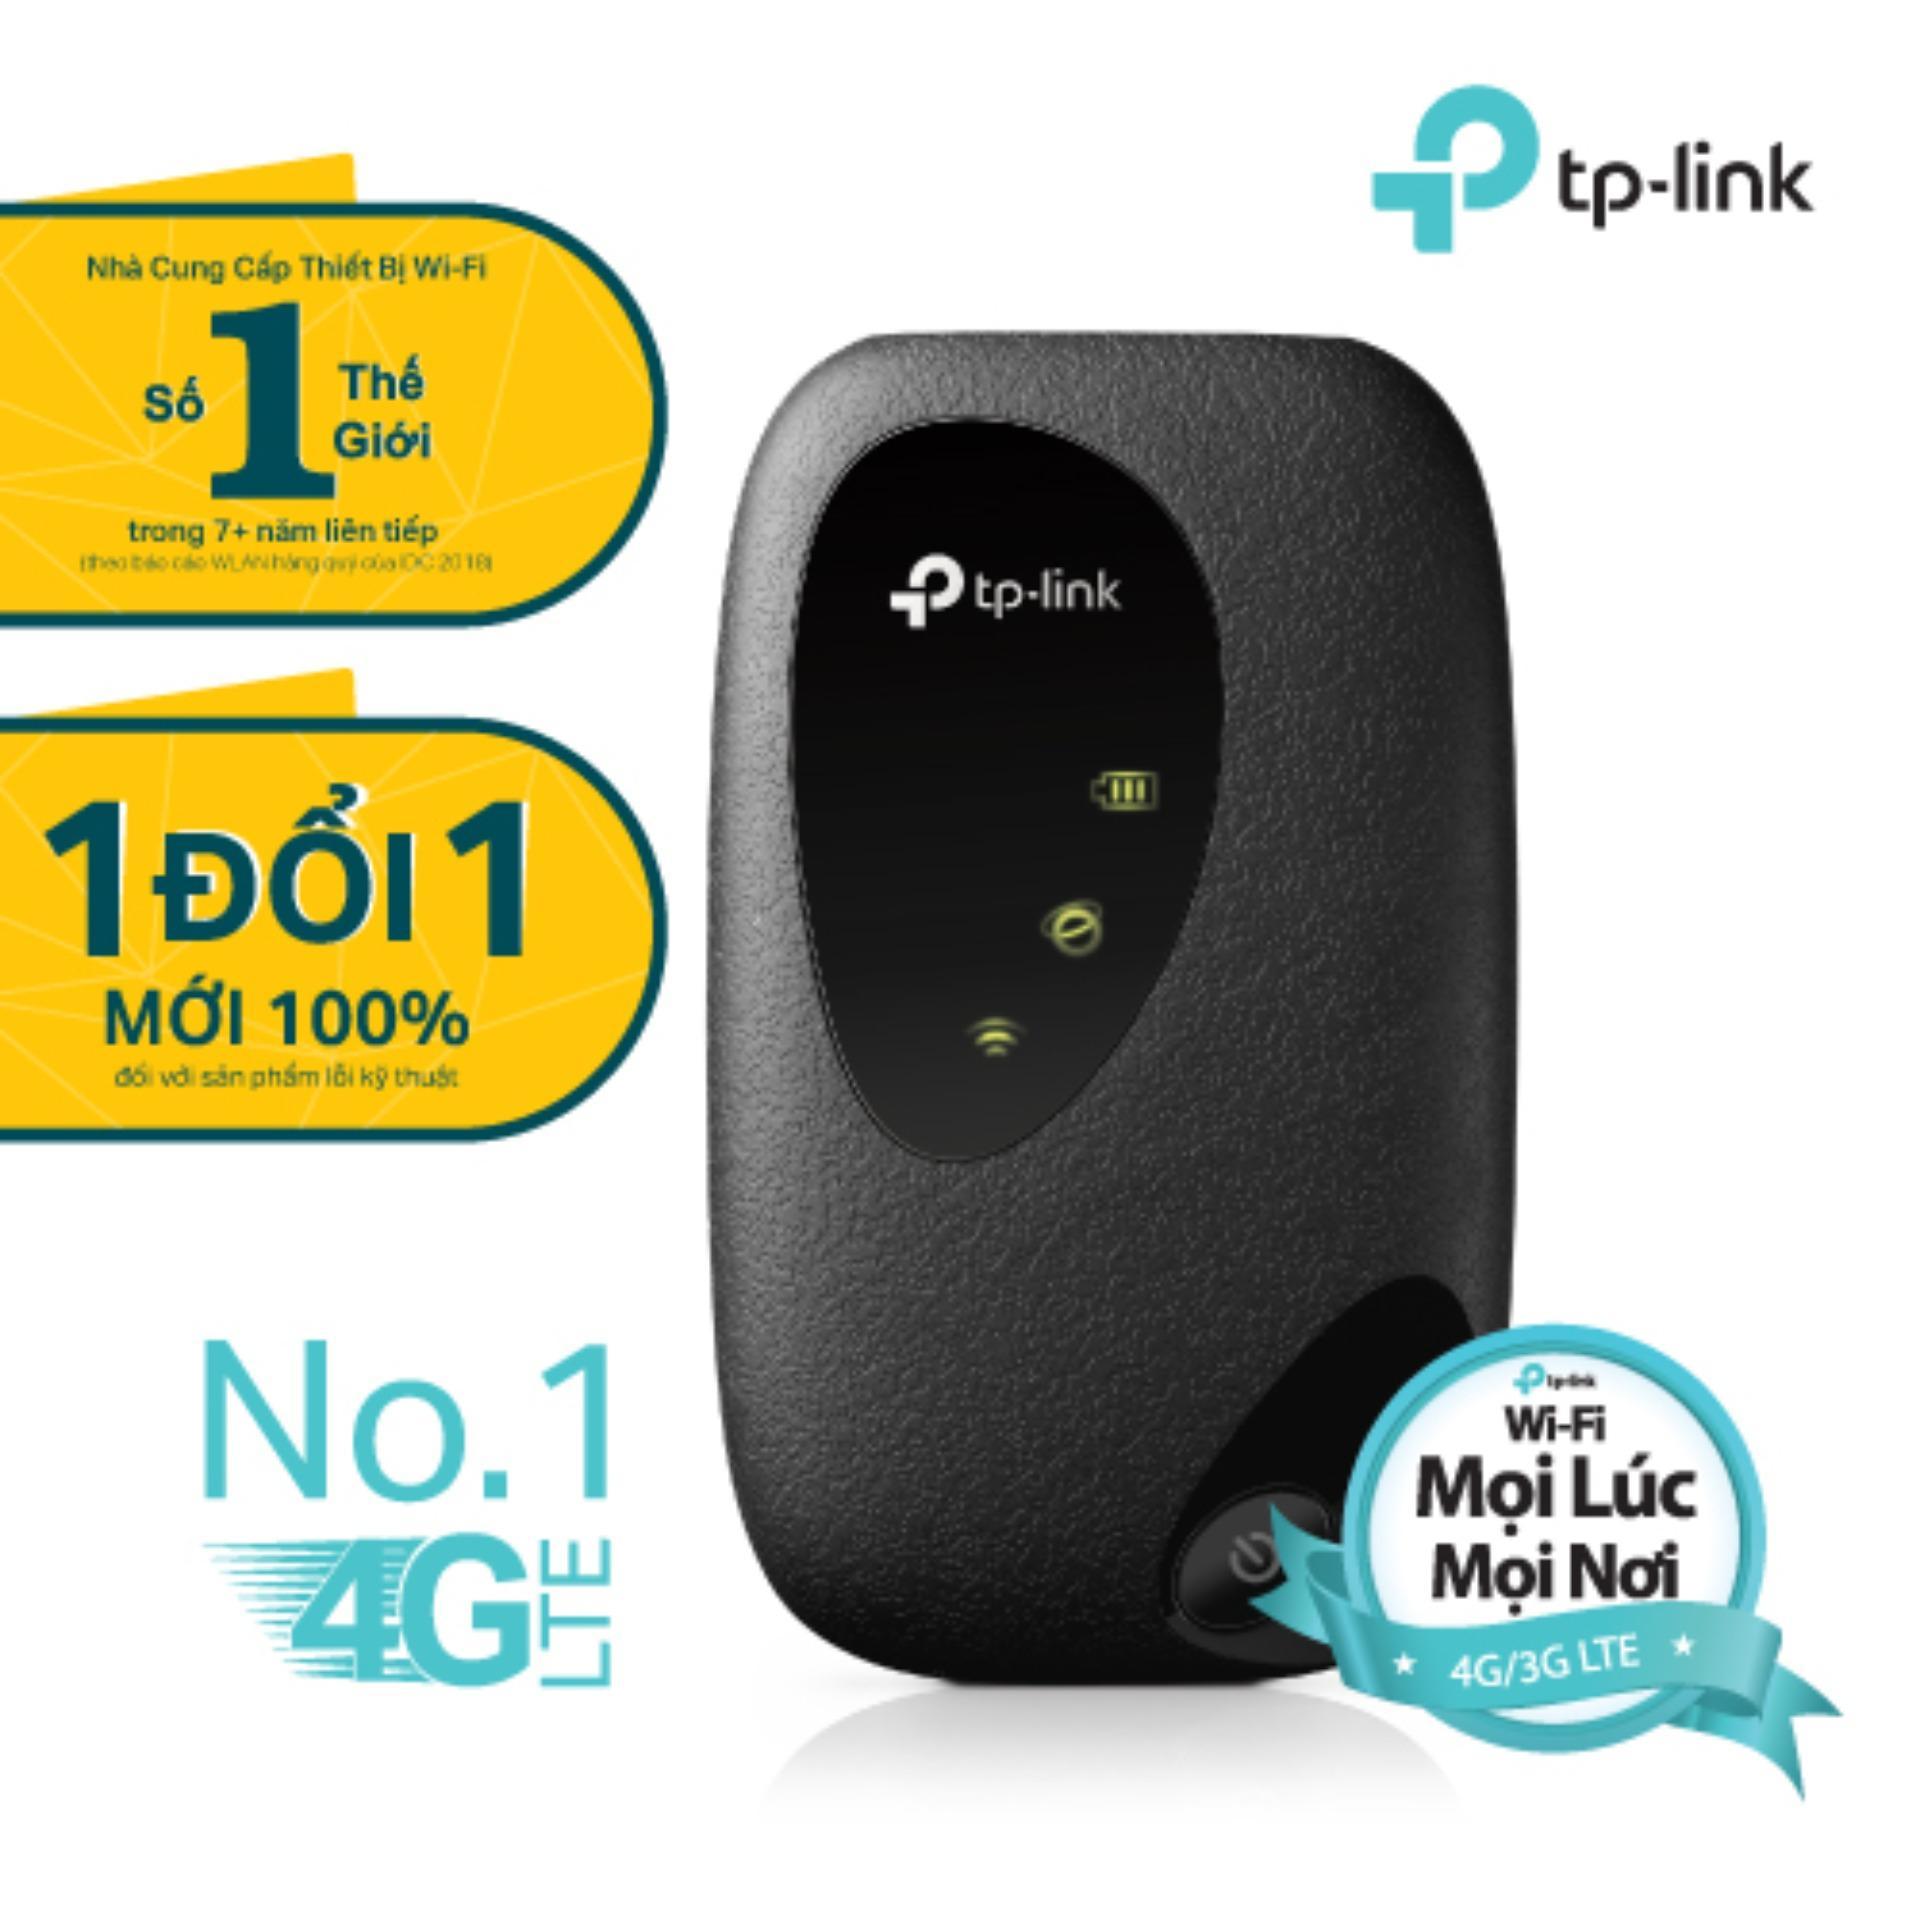 TP-Link M7200 bộ phát WIFi di động 4G – tặng áo mưa – Hãng phân phối chính thức Đang Bán Tại TP-Link